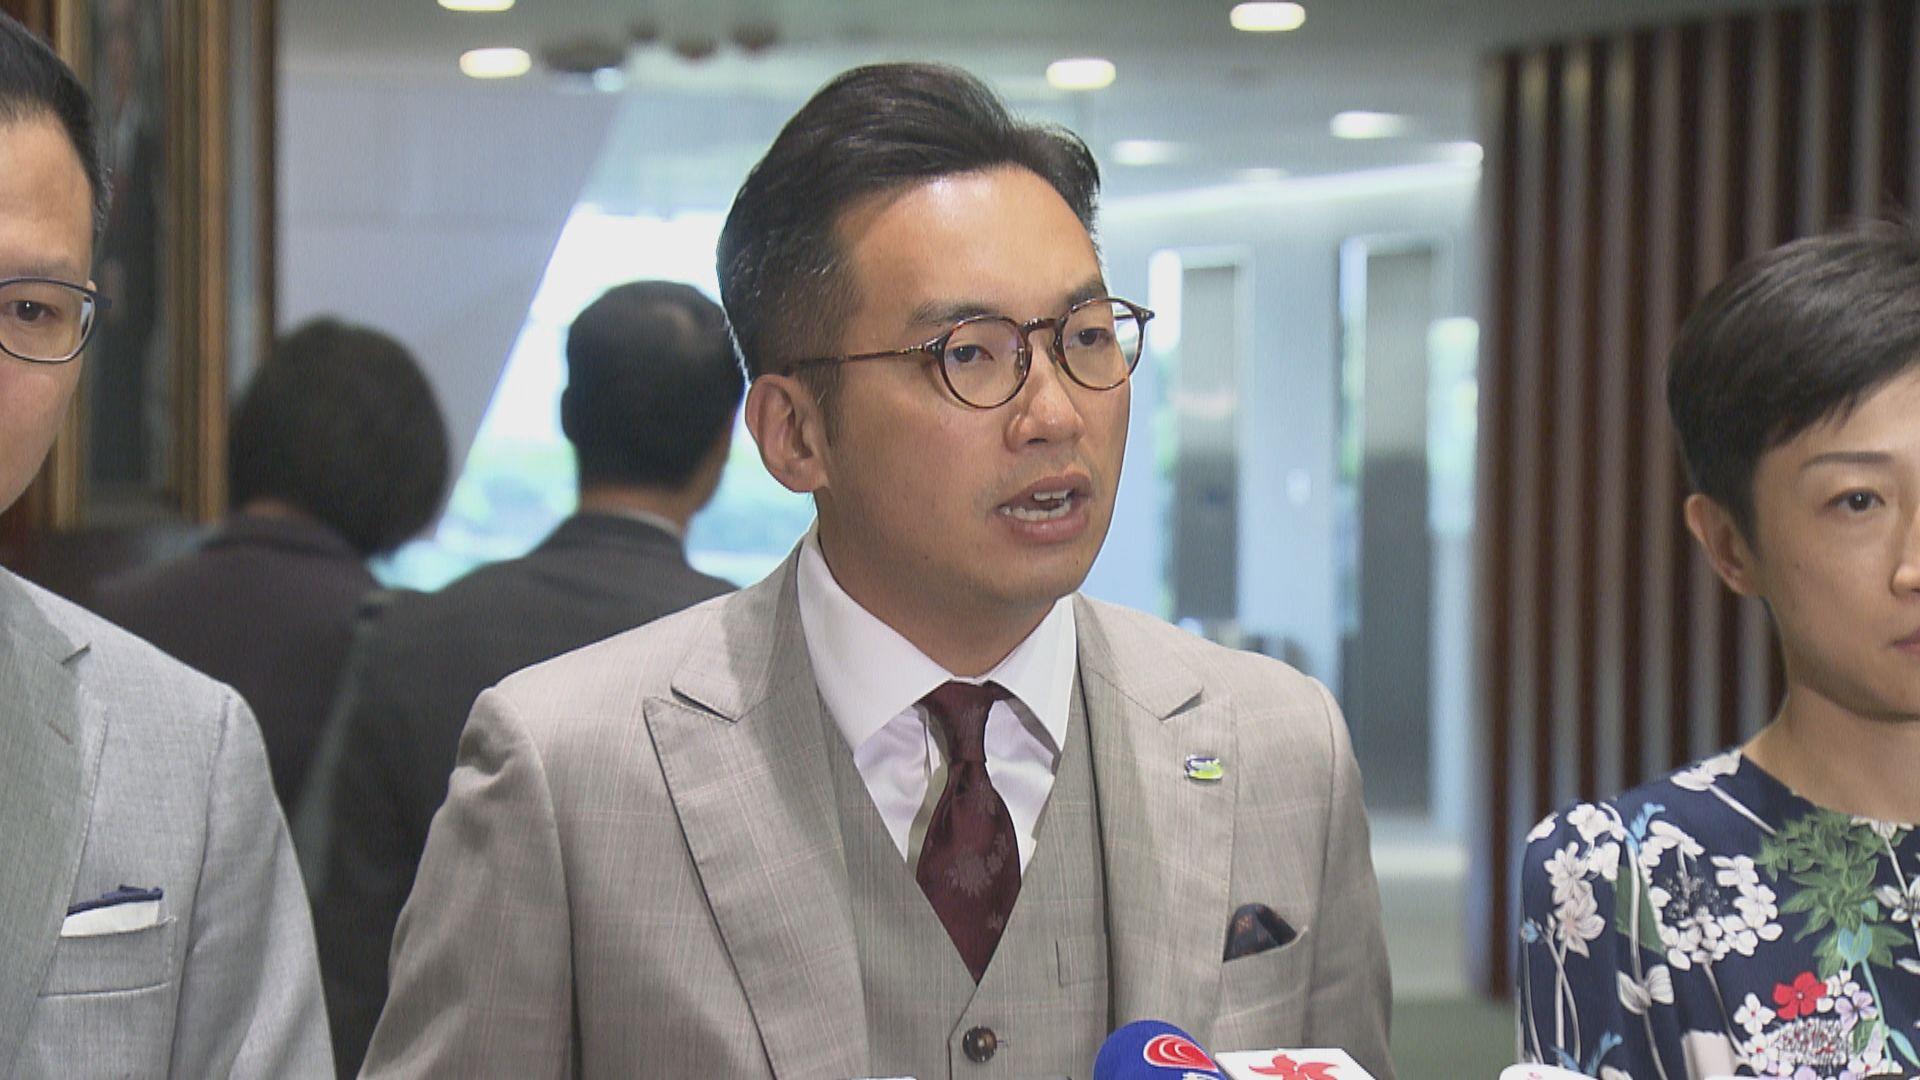 律政司建議法庭暫緩執行禁蒙面法違憲裁決